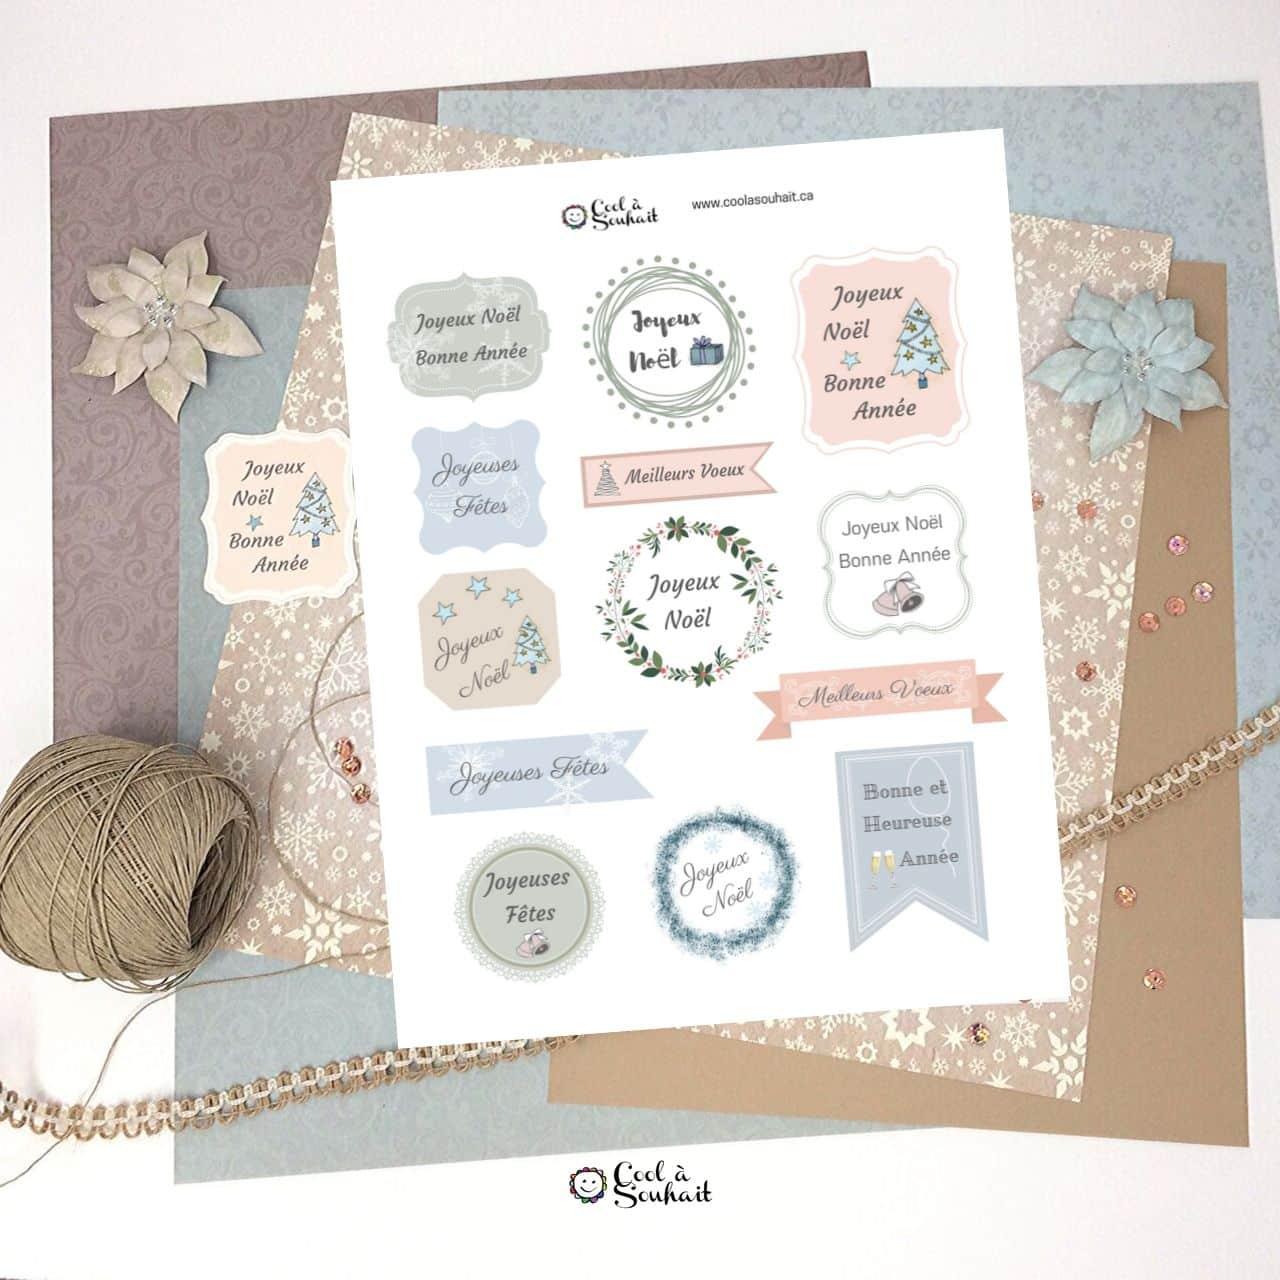 Étiquettes de voeux pour un Noël Champêtre à imprimer et découper.